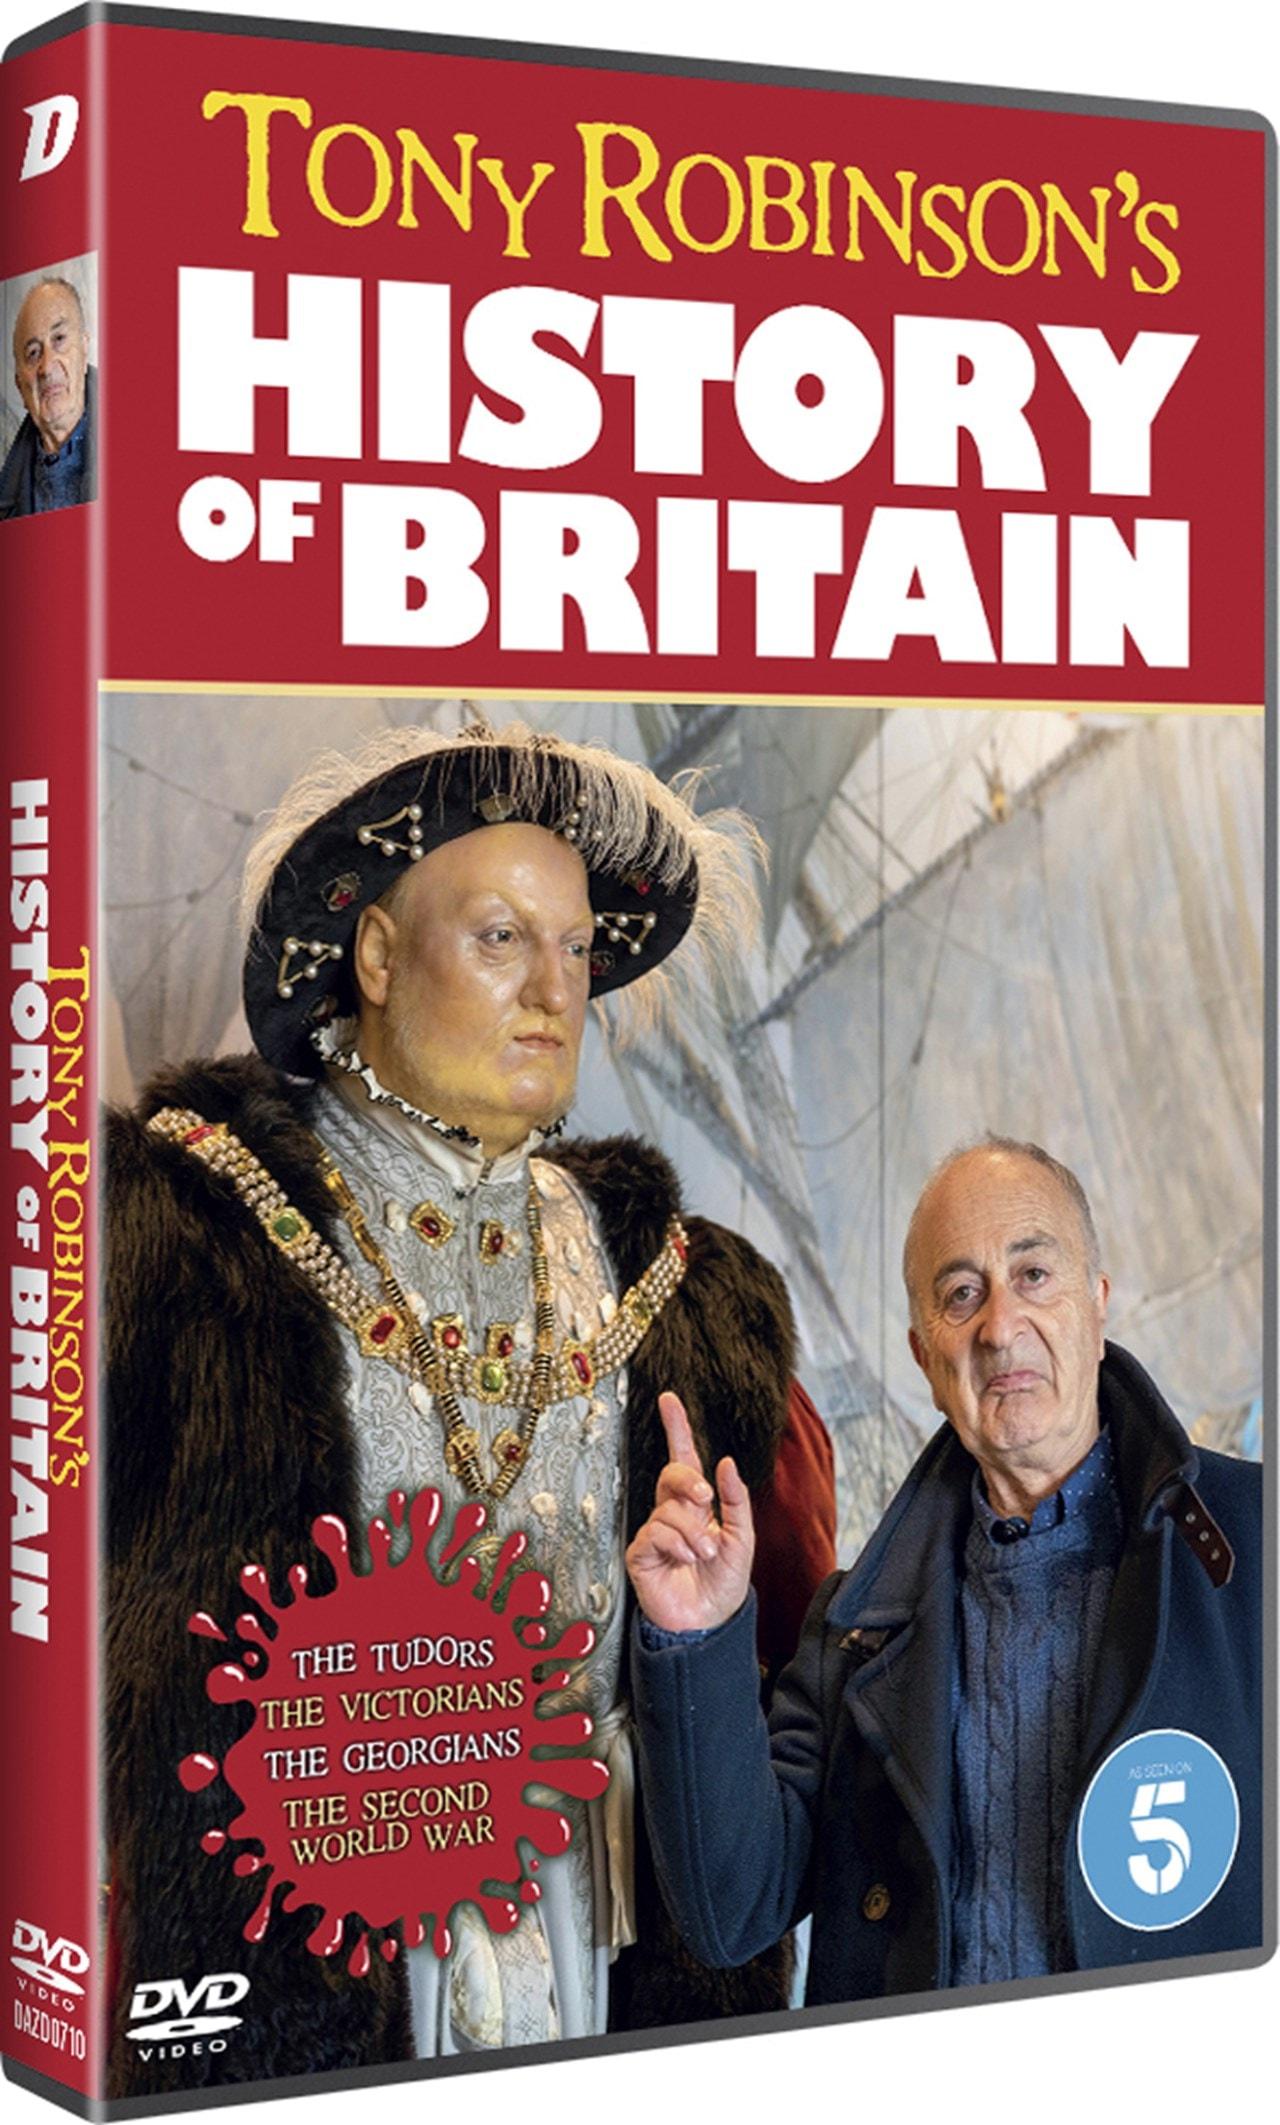 Tony Robinson's History of Britain - 2